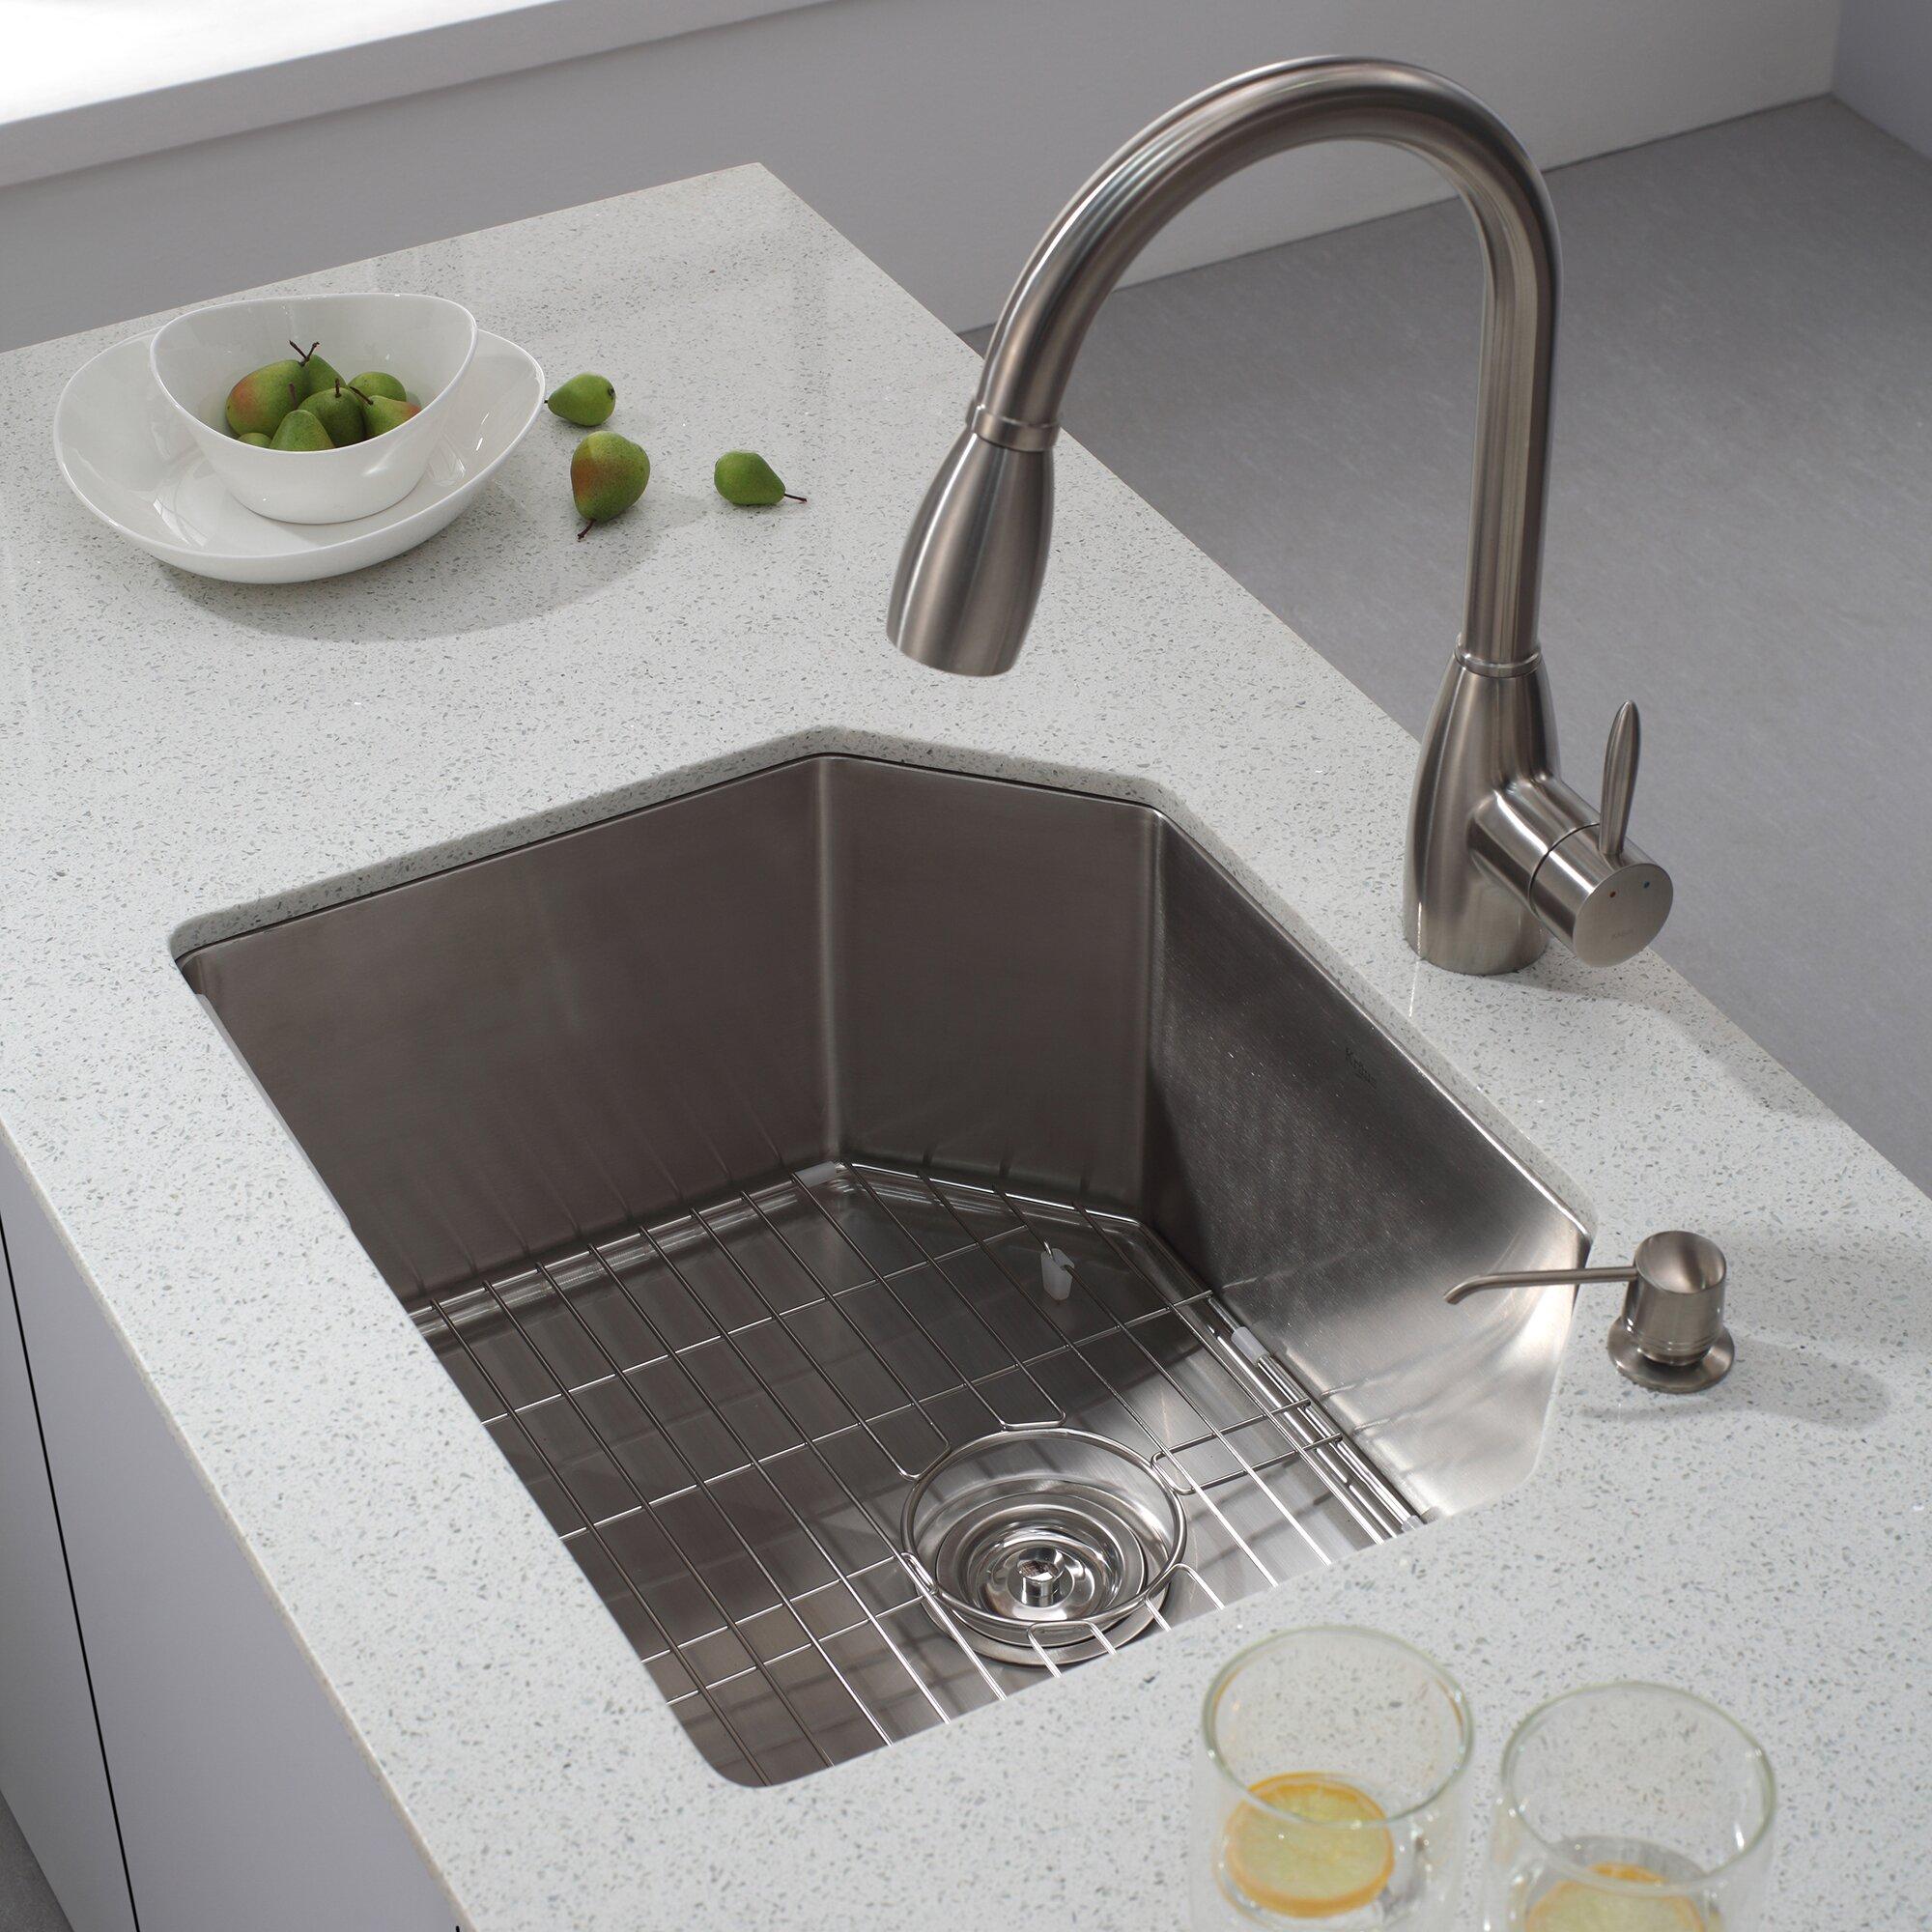 Kraus 23 Undermount Sink : Kraus 23.75